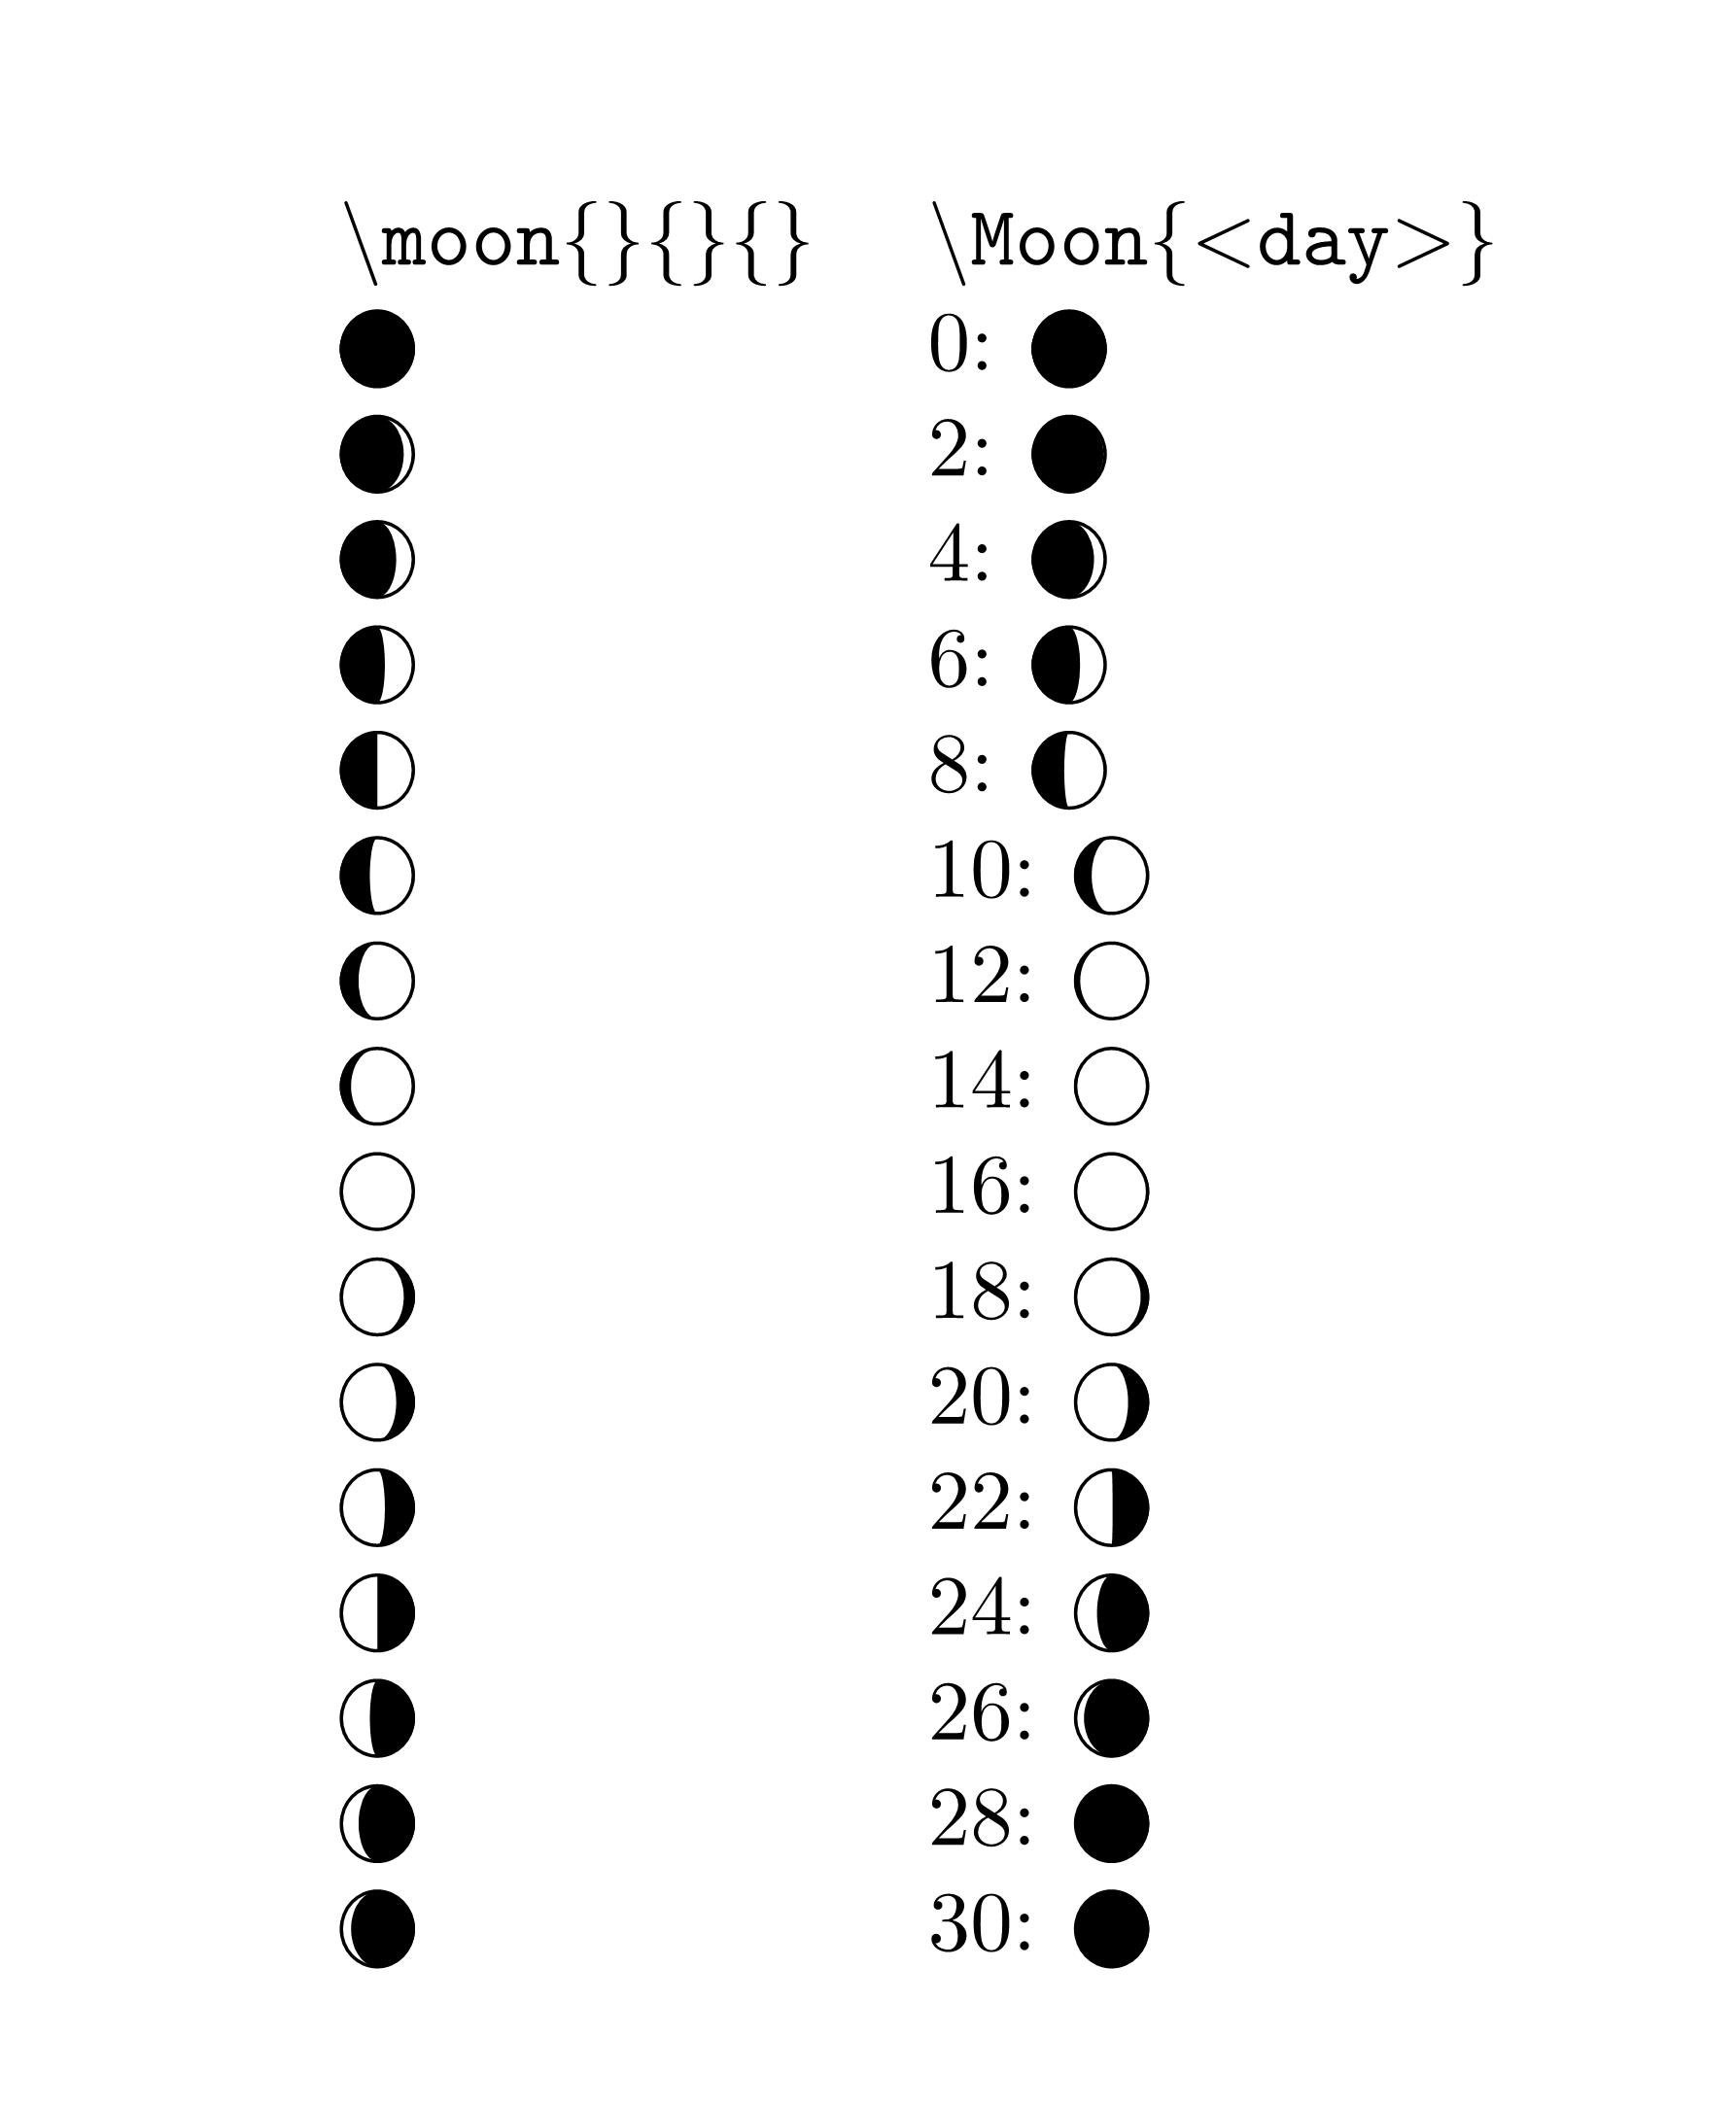 LaTeX 如何输入月亮月相的符号